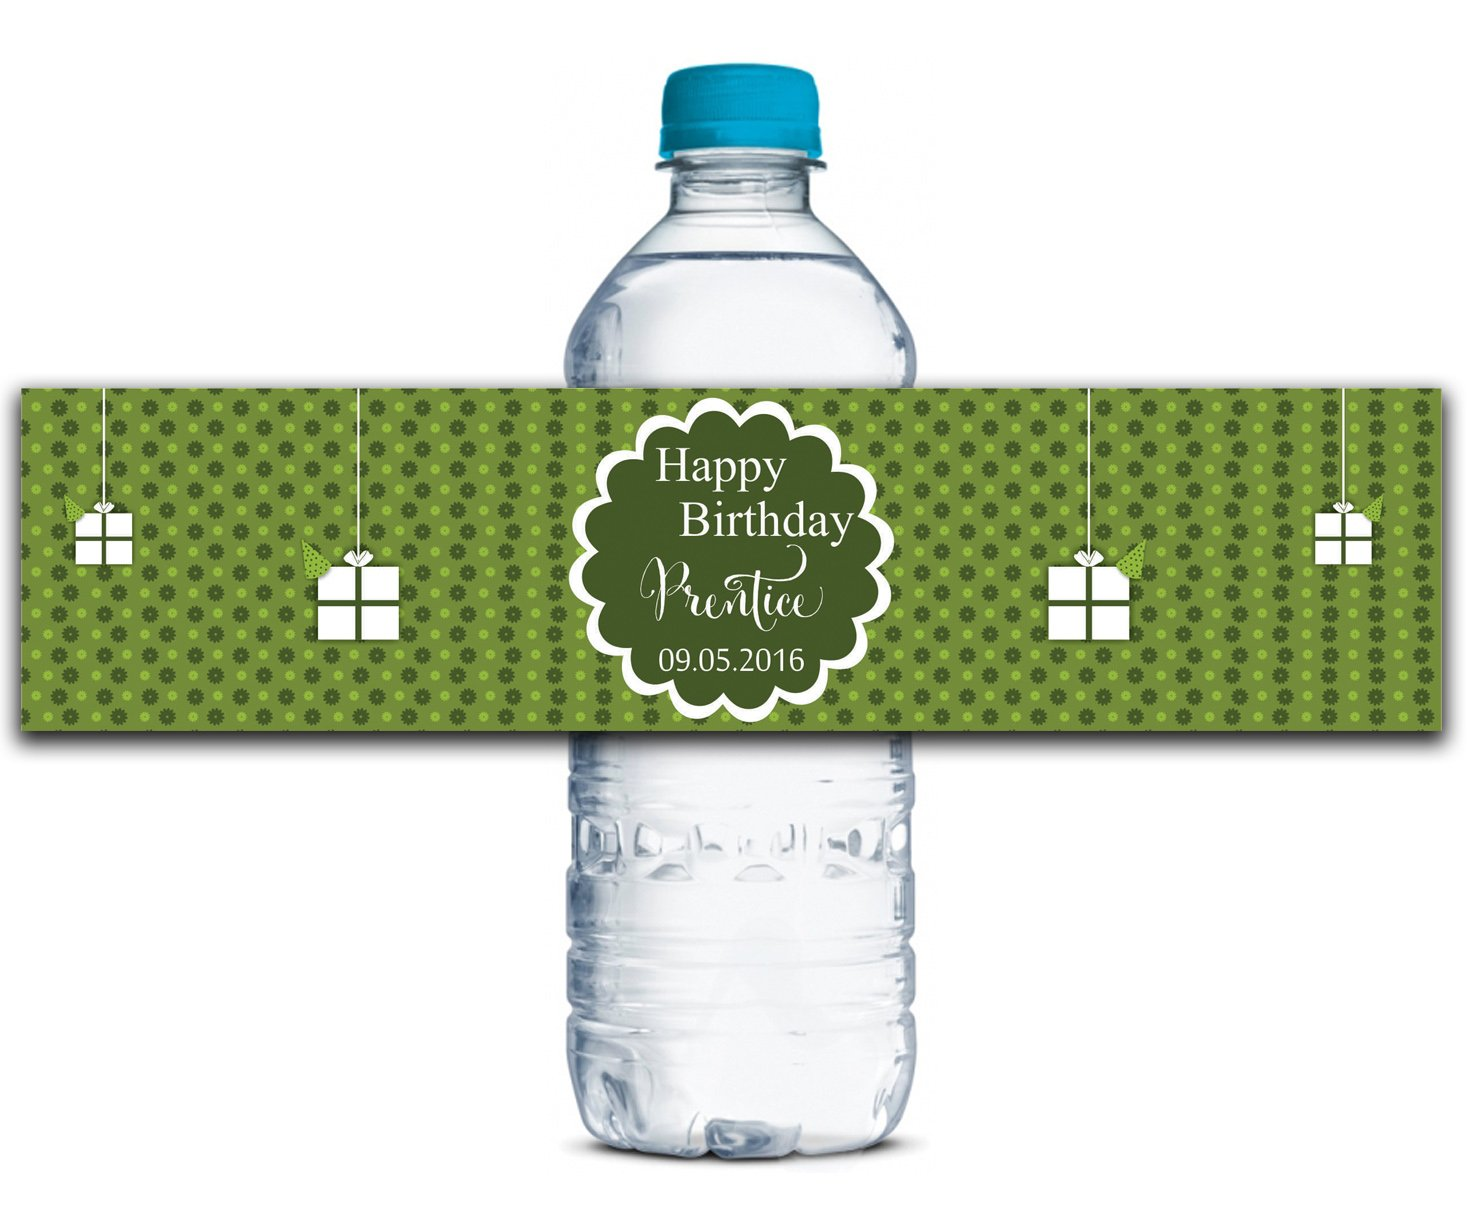 Personalisierte Wasserflasche Etiketten Selbstklebende wasserdichte Kundenspezifische Geburtstags-Aufkleber 8  x 2  Zoll - 50 Etiketten B01A0W4PJO | Schnelle Lieferung